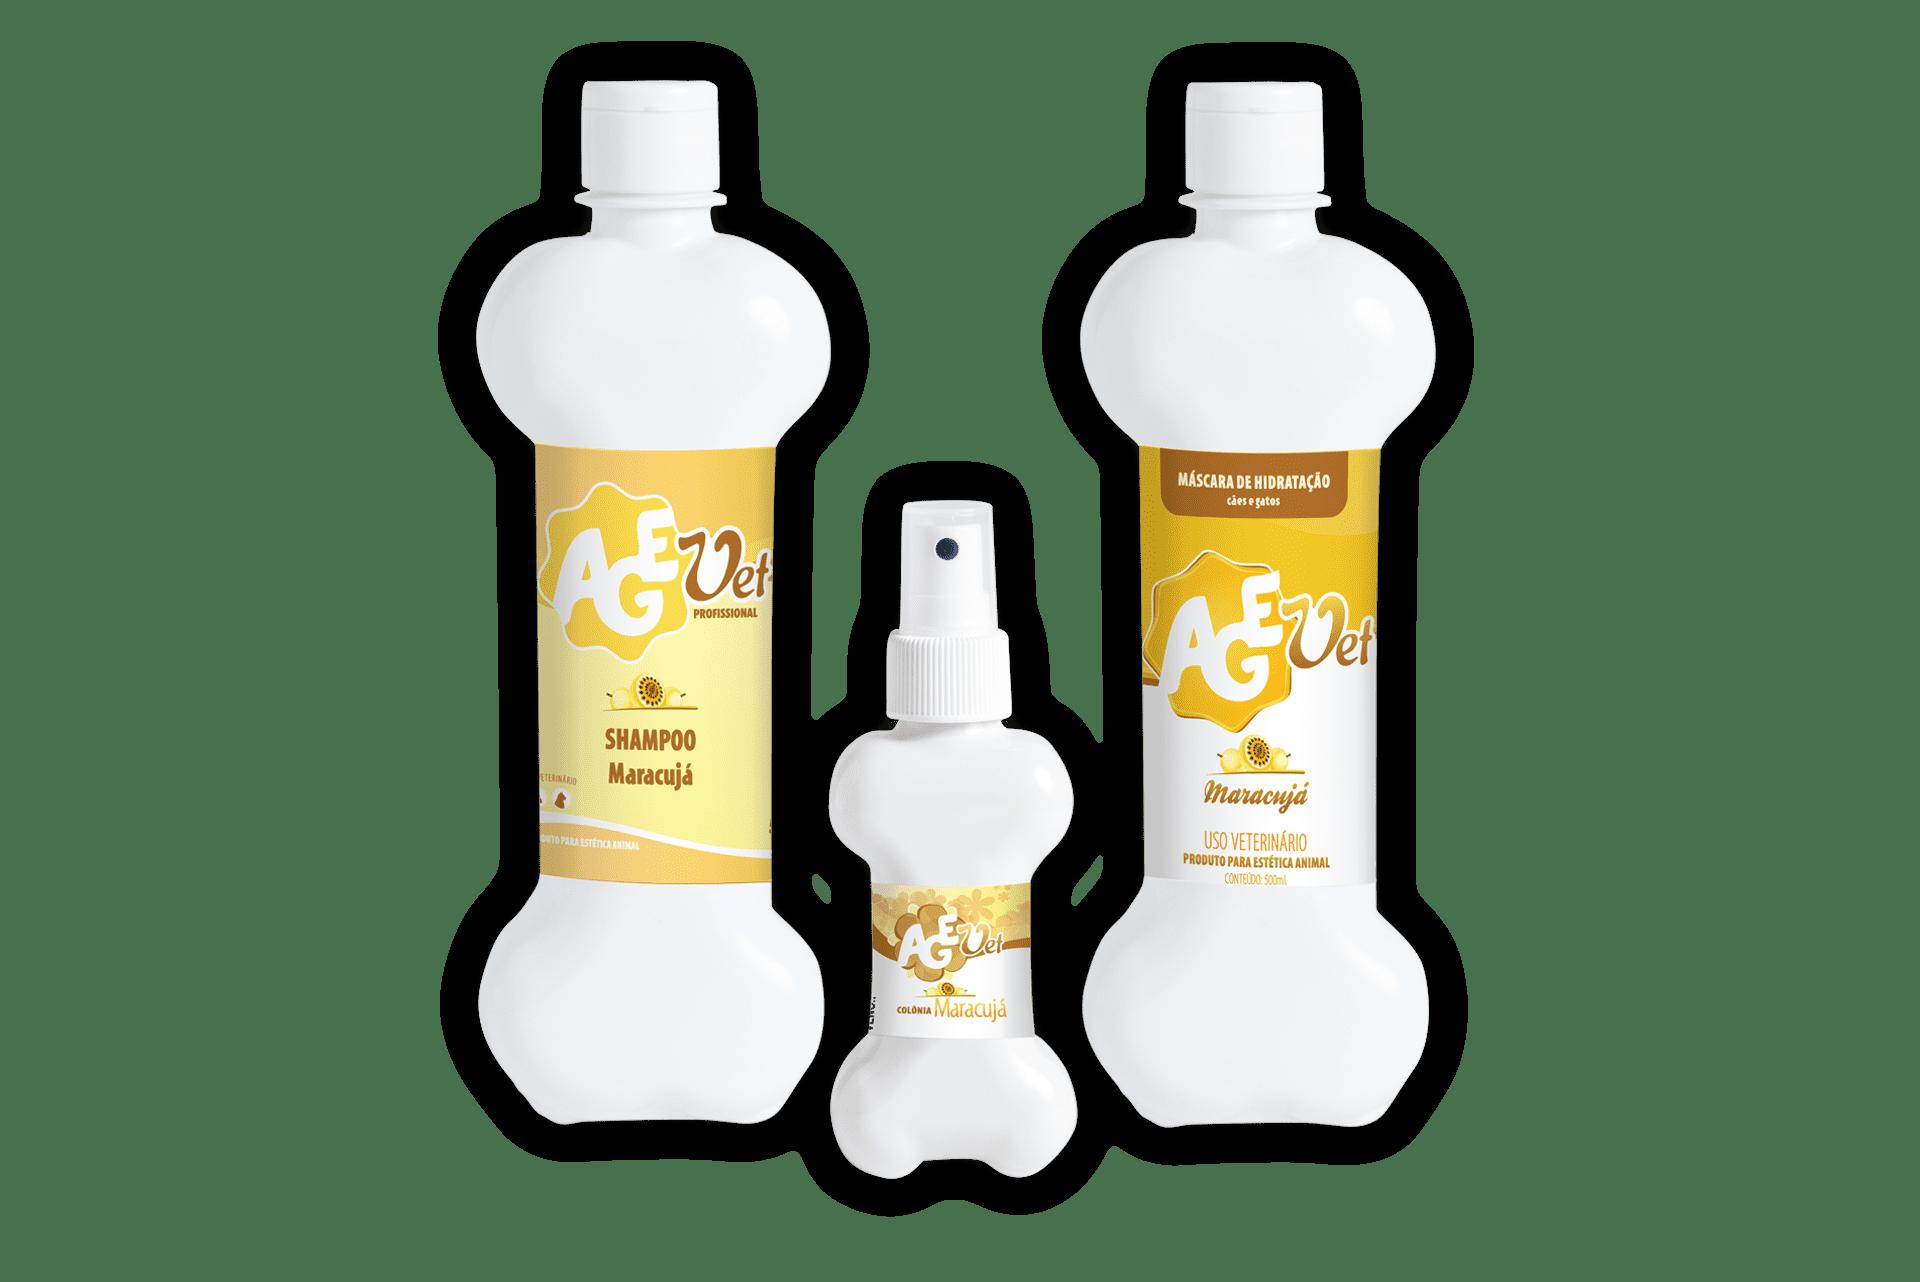 Foto do produto Kit de Hidratação de Maracujá para visualização